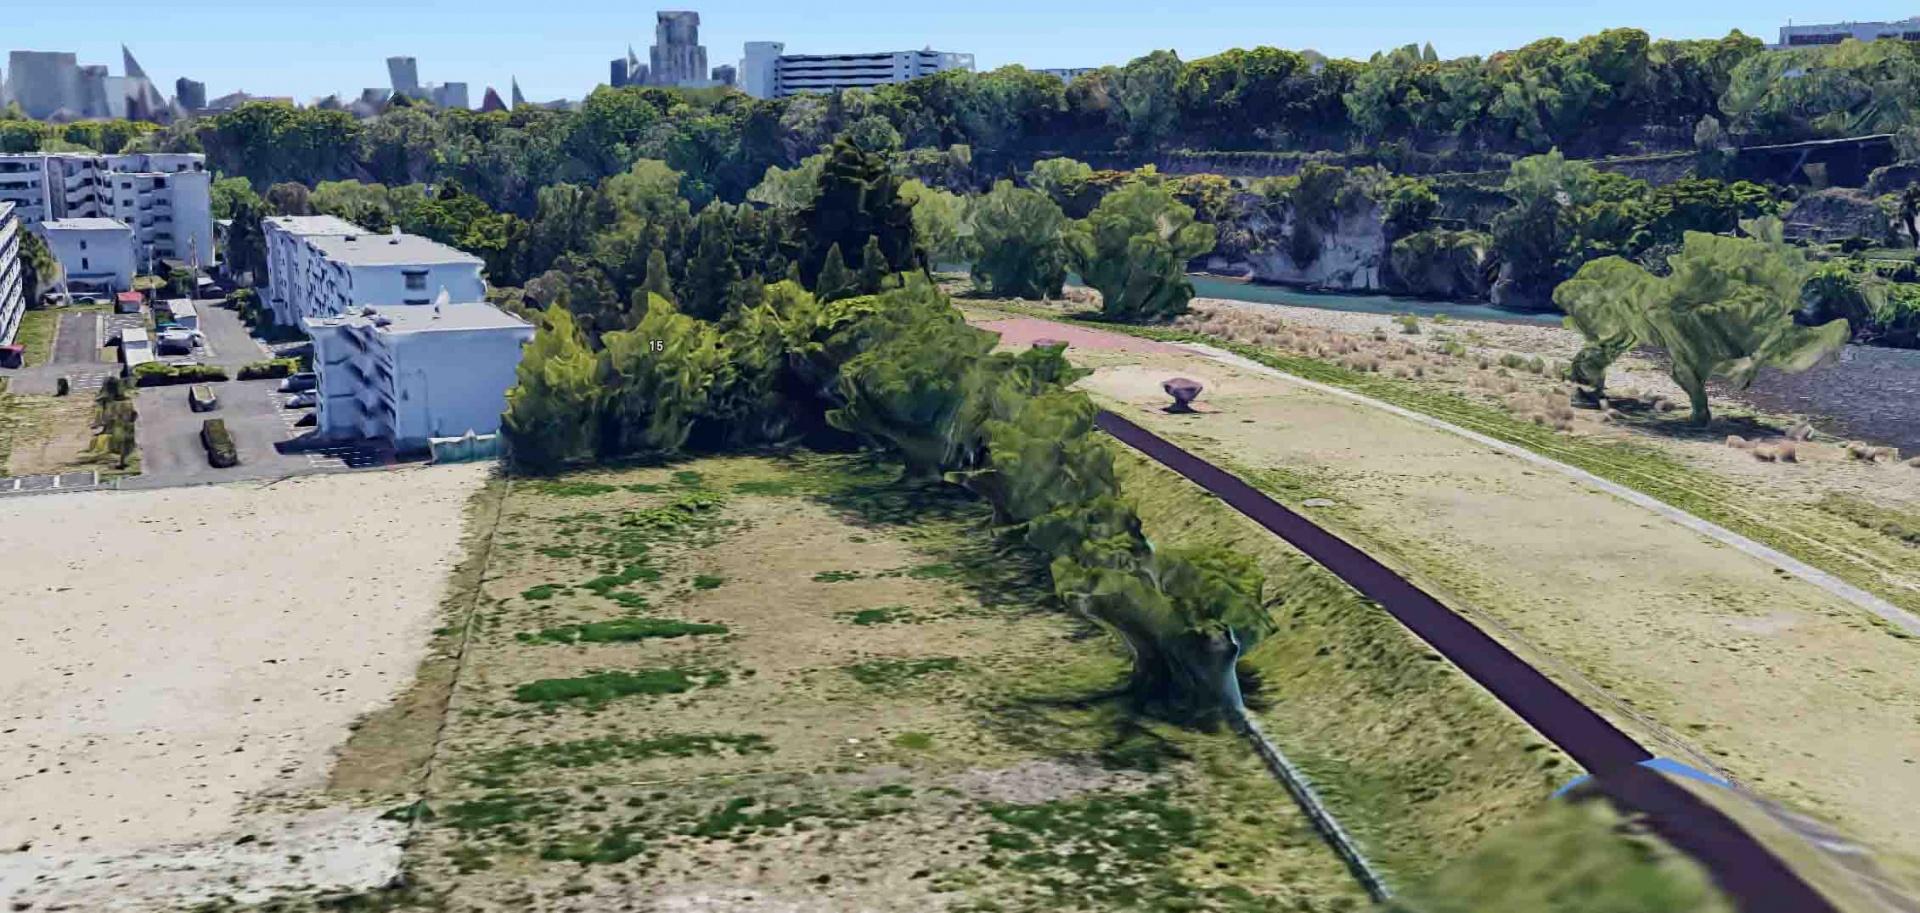 図1 違法人工芝グラウンドが造成される前の宮城第一高第二グラウンド敷地(Google Earthより)